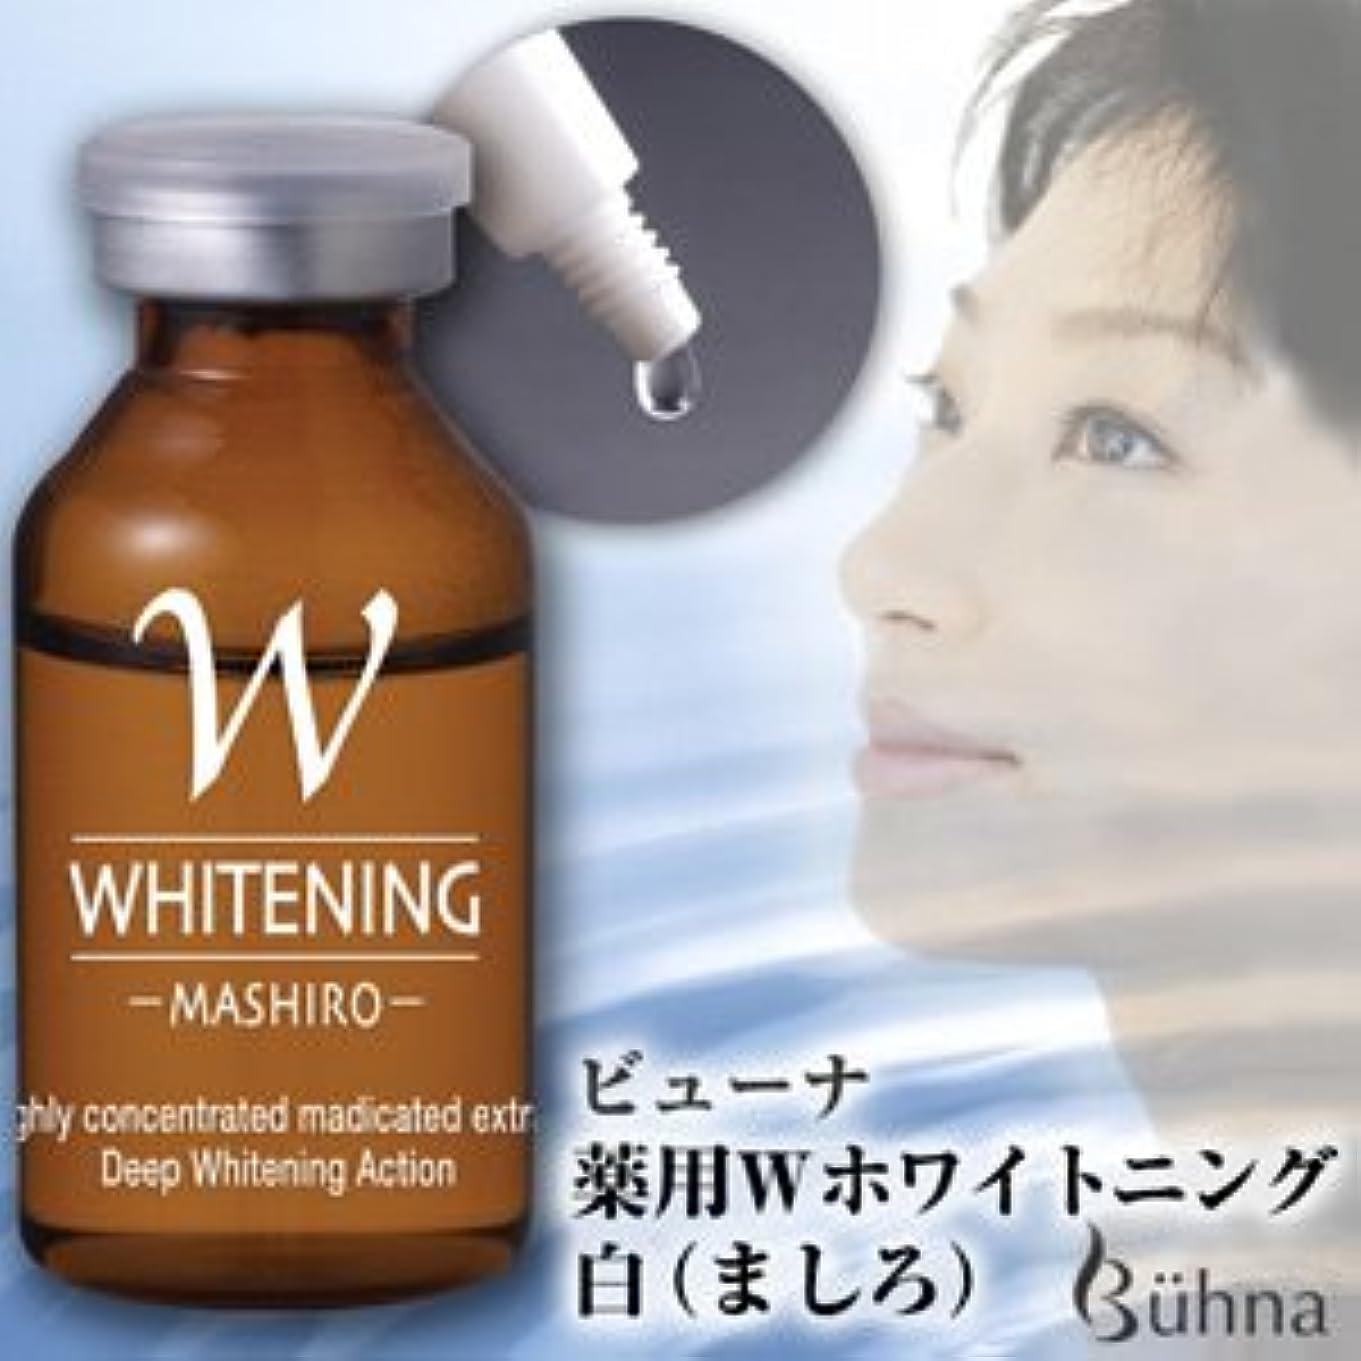 超高濃度!W原液がシミを断つ、翌朝の肌で感じる美肌力『薬用ダブルホワイトニング白(ましろ)』